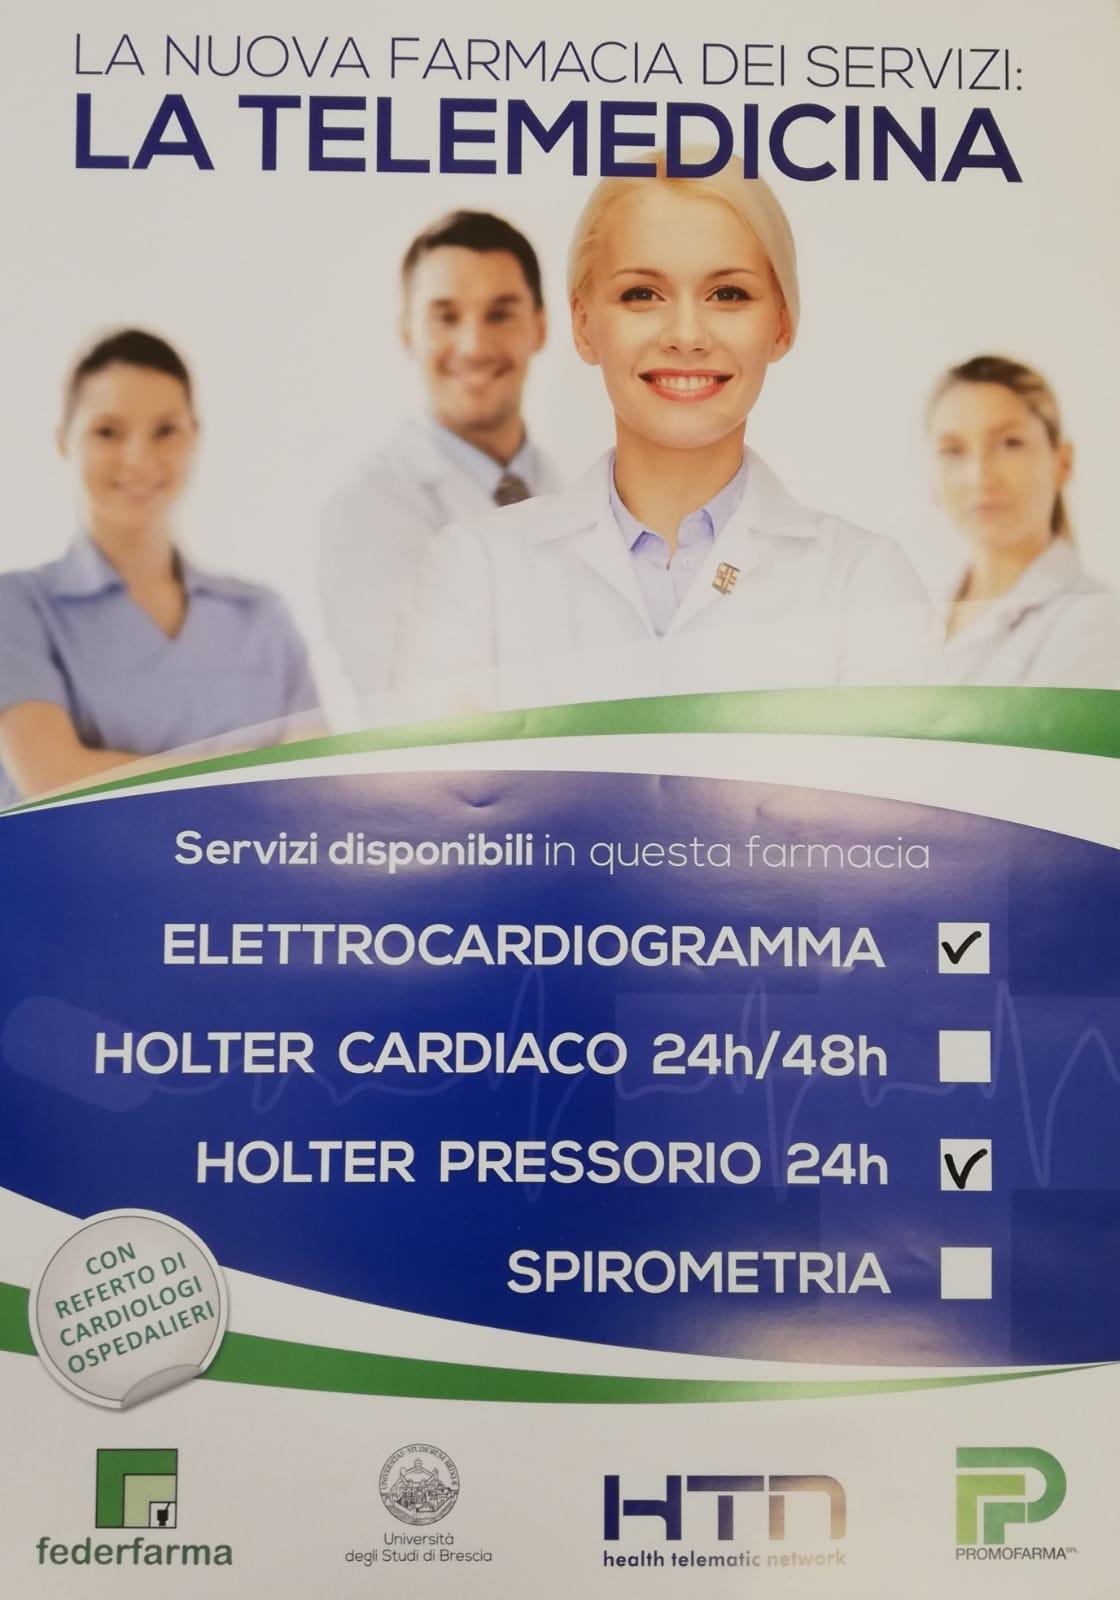 http://farmaciacassia.it/wp/wp-content/uploads/2020/09/La-telemedicina.jpeg